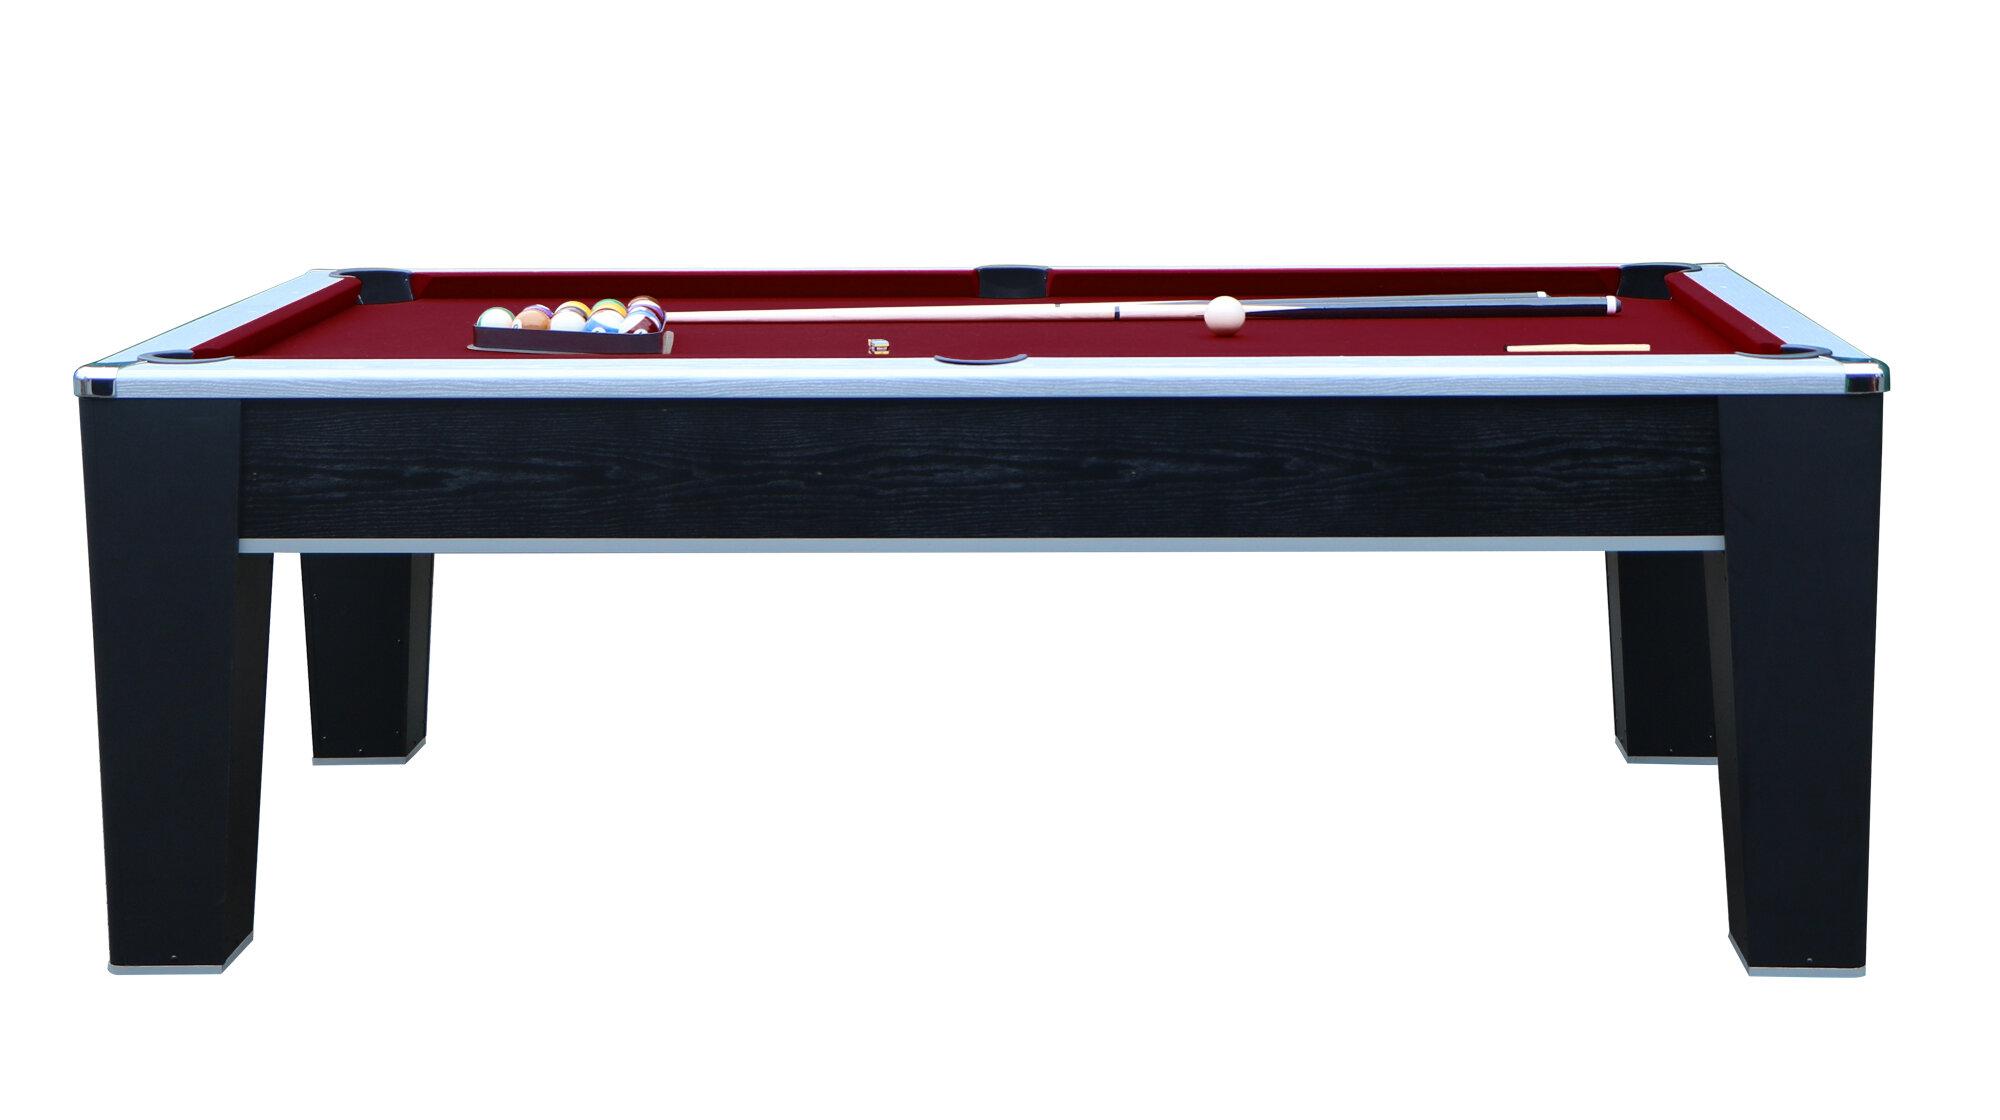 Merveilleux Hathaway Games Mirage 7.5u0027 Pool Table U0026 Reviews | Wayfair